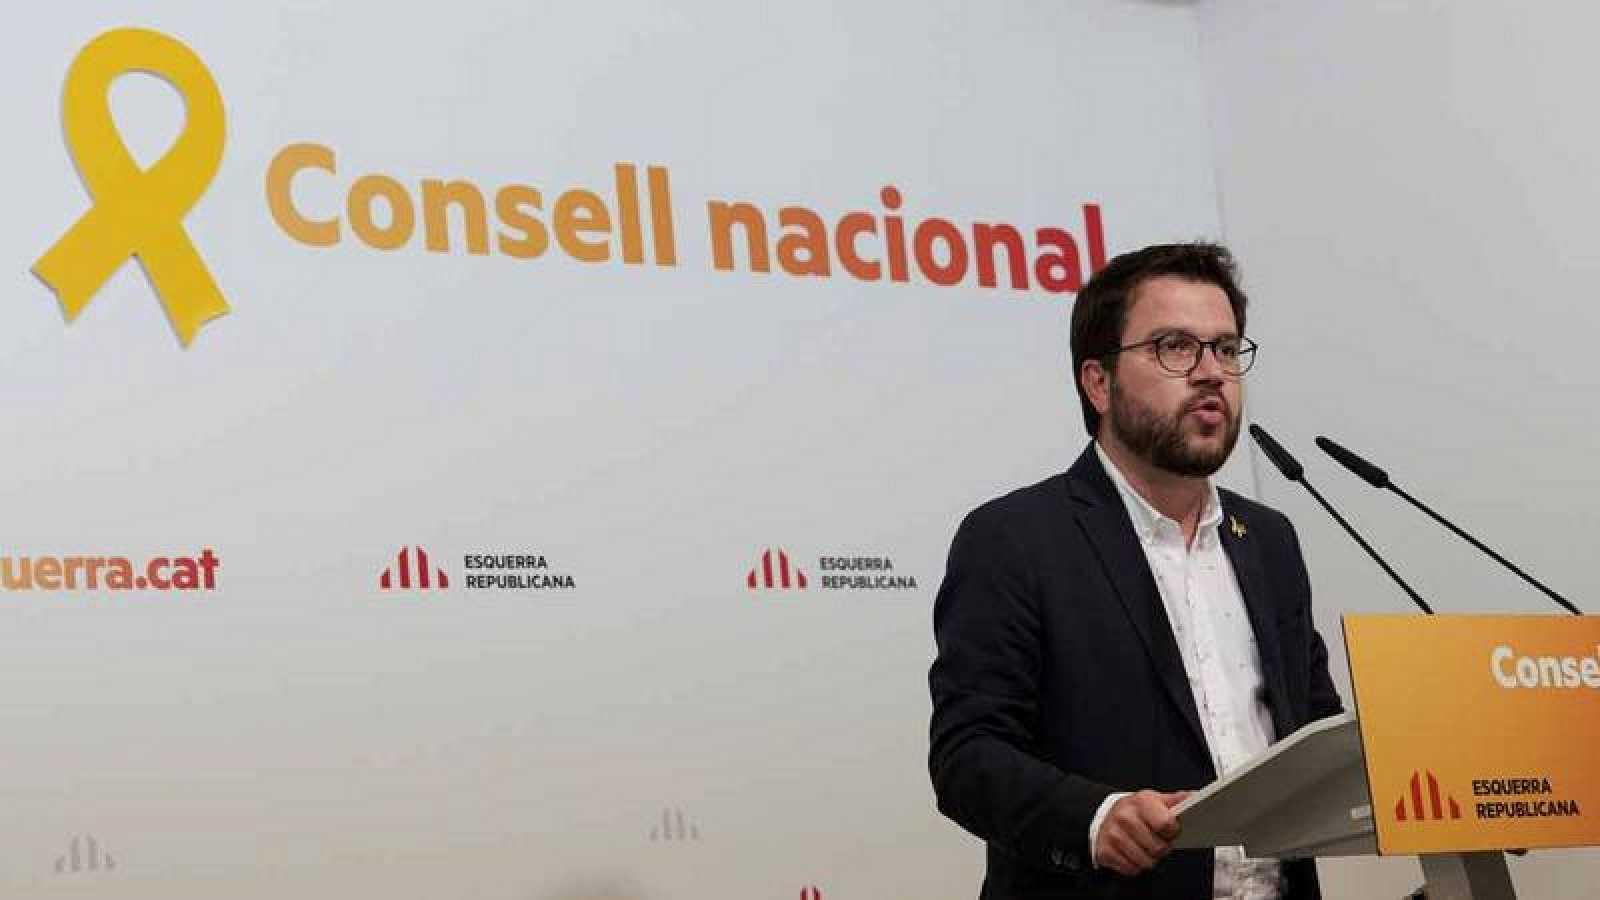 El vicepresidente del Govern y conseller de Economía, Pere Aragonès, avisa por carta a la ministra de Hacienda de que no asistirá al CPFF